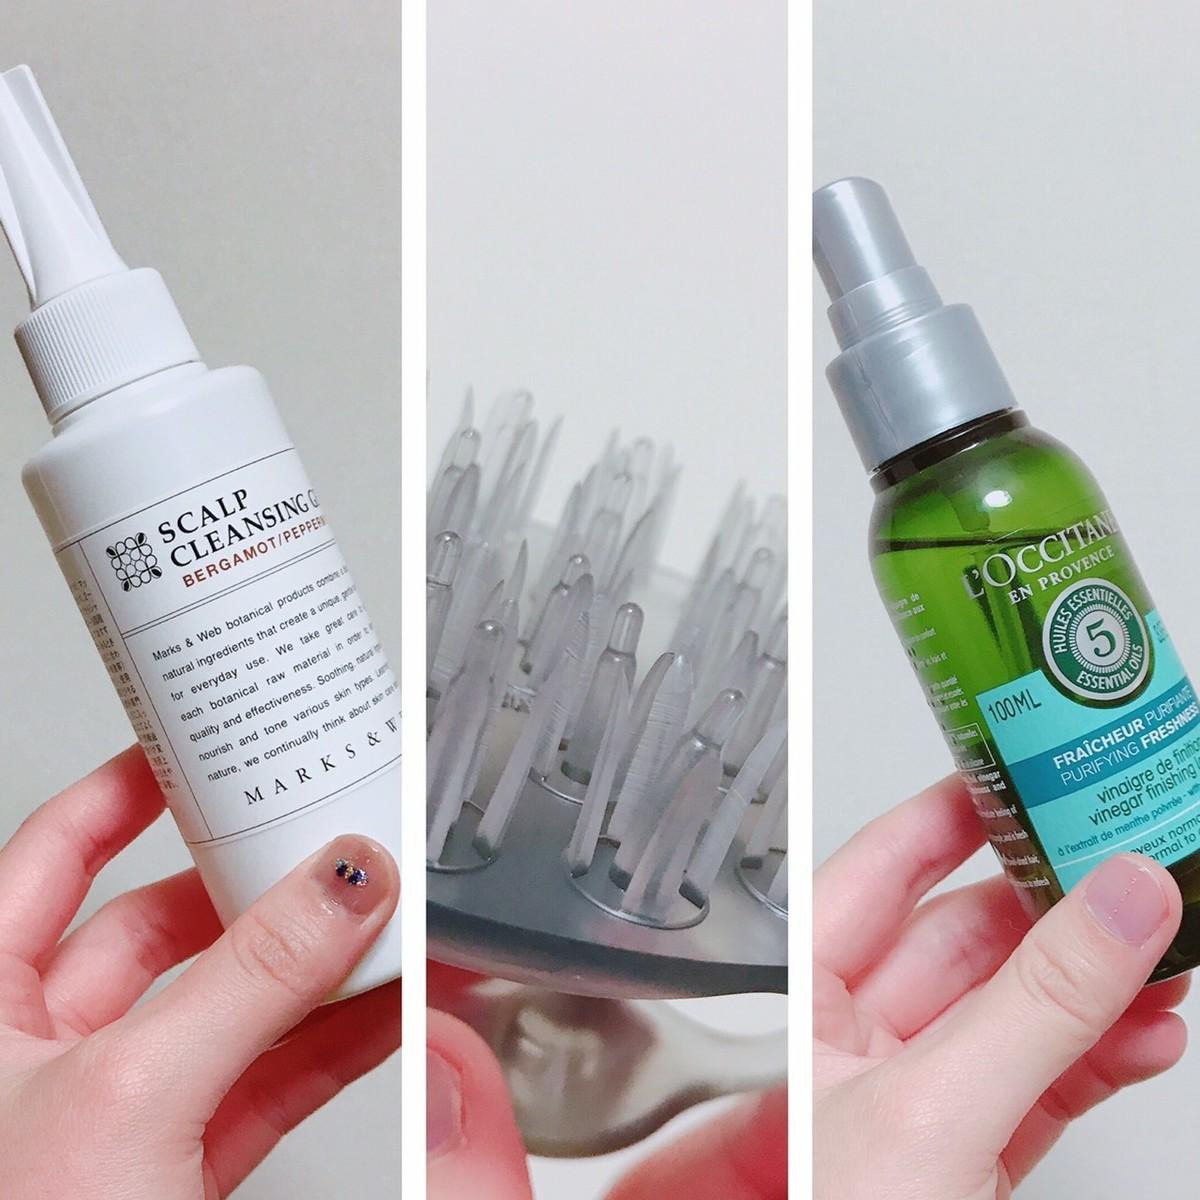 スカルプケア商品。女性におすすめの頭皮ケア、シャンプーブラシの使い方も紹介